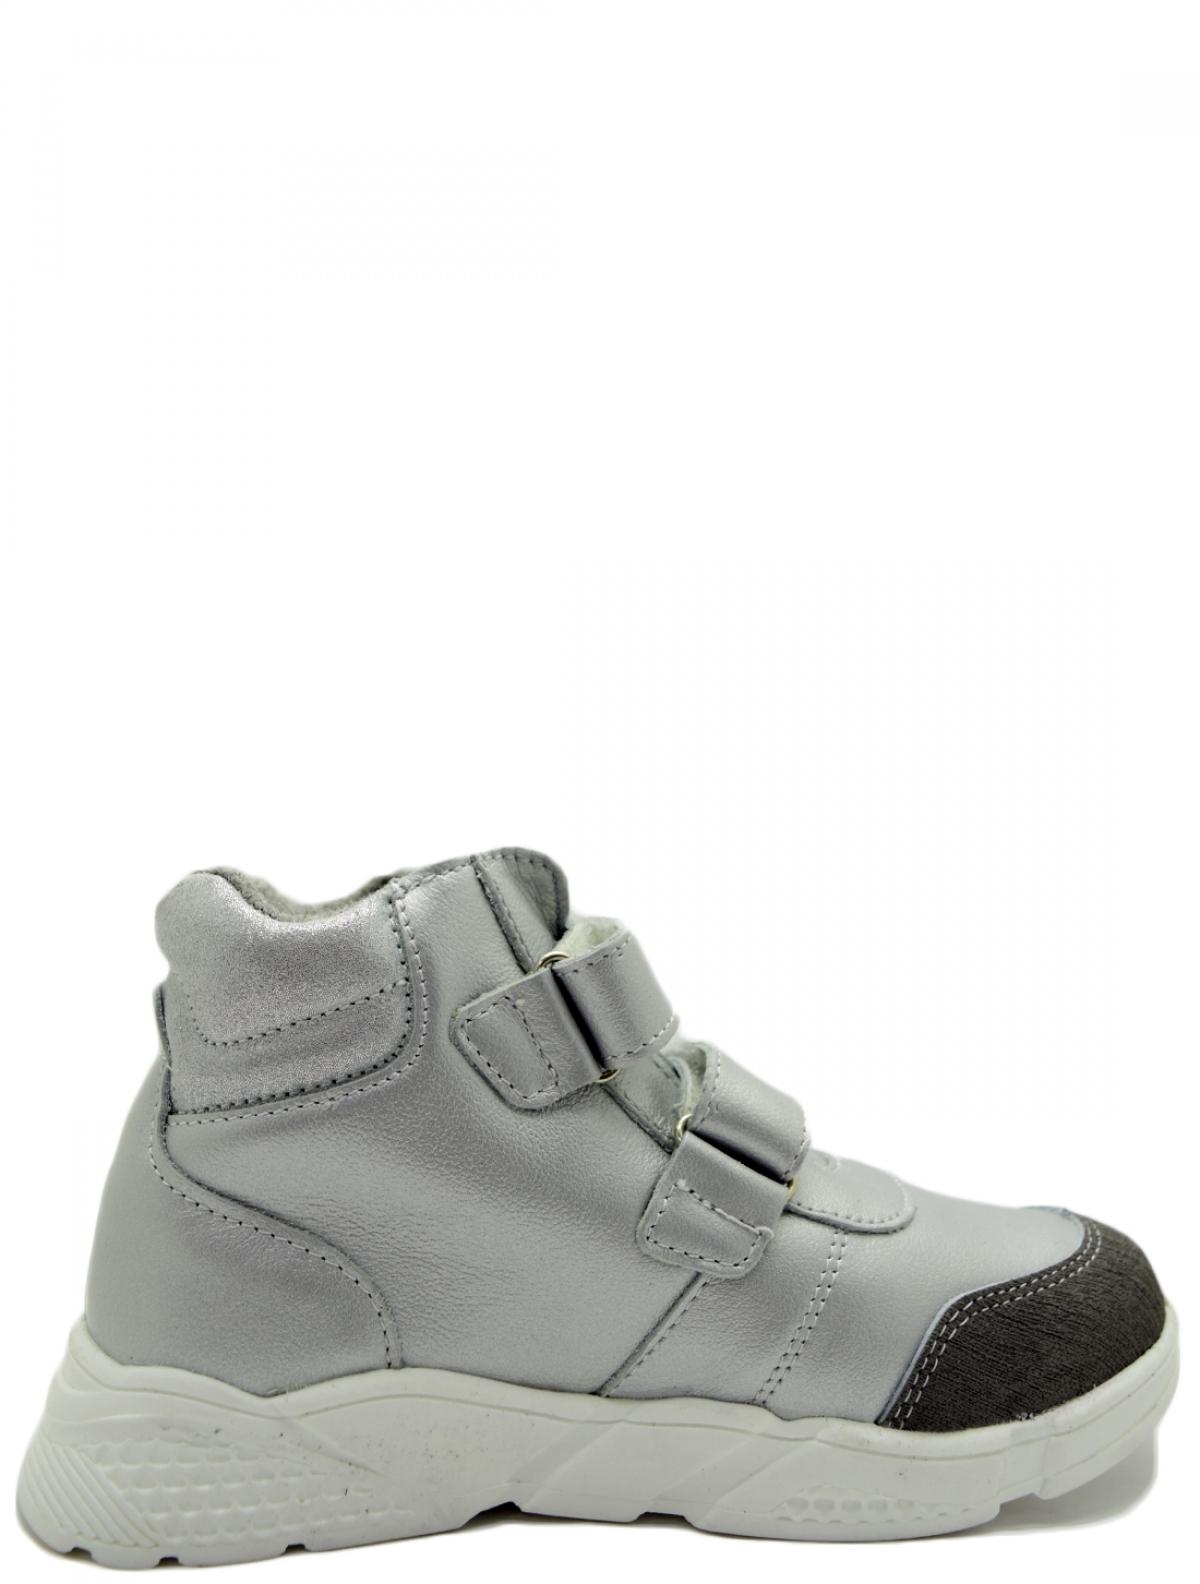 Котофей 552150-31 детские ботинки